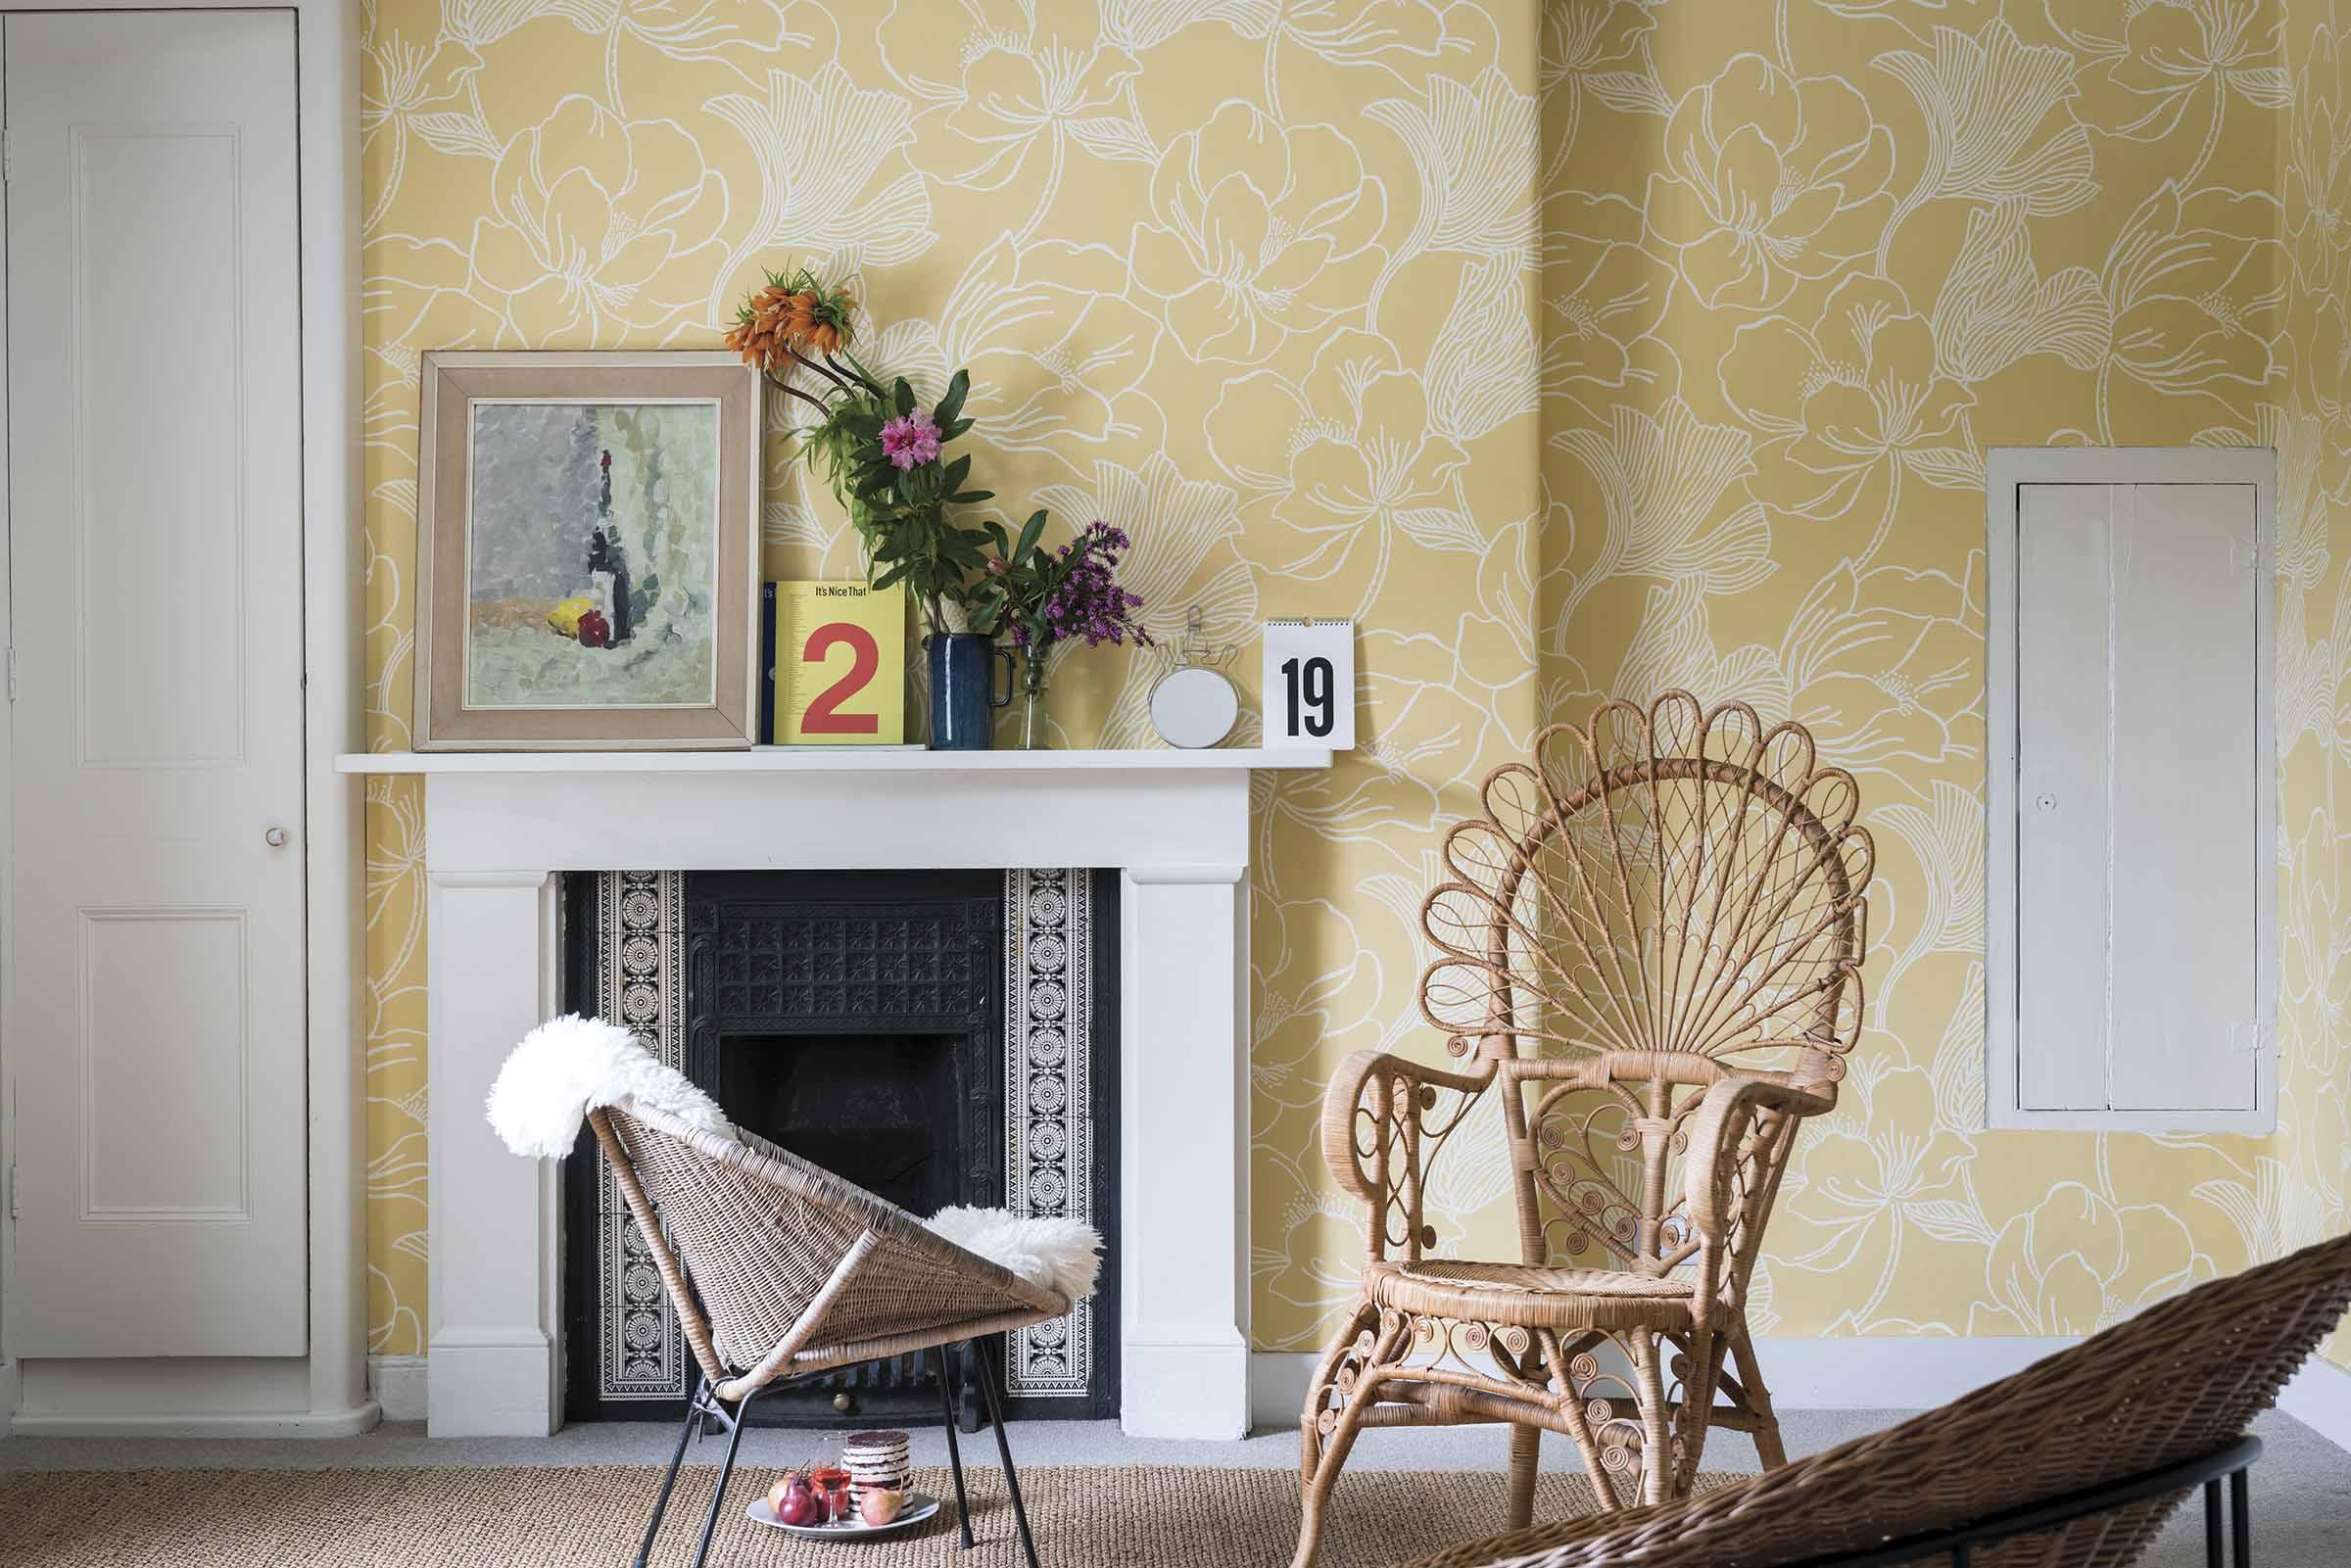 Tapeten von Farrow & Ball: Besonderer Wandschmuck in höchster Qualität